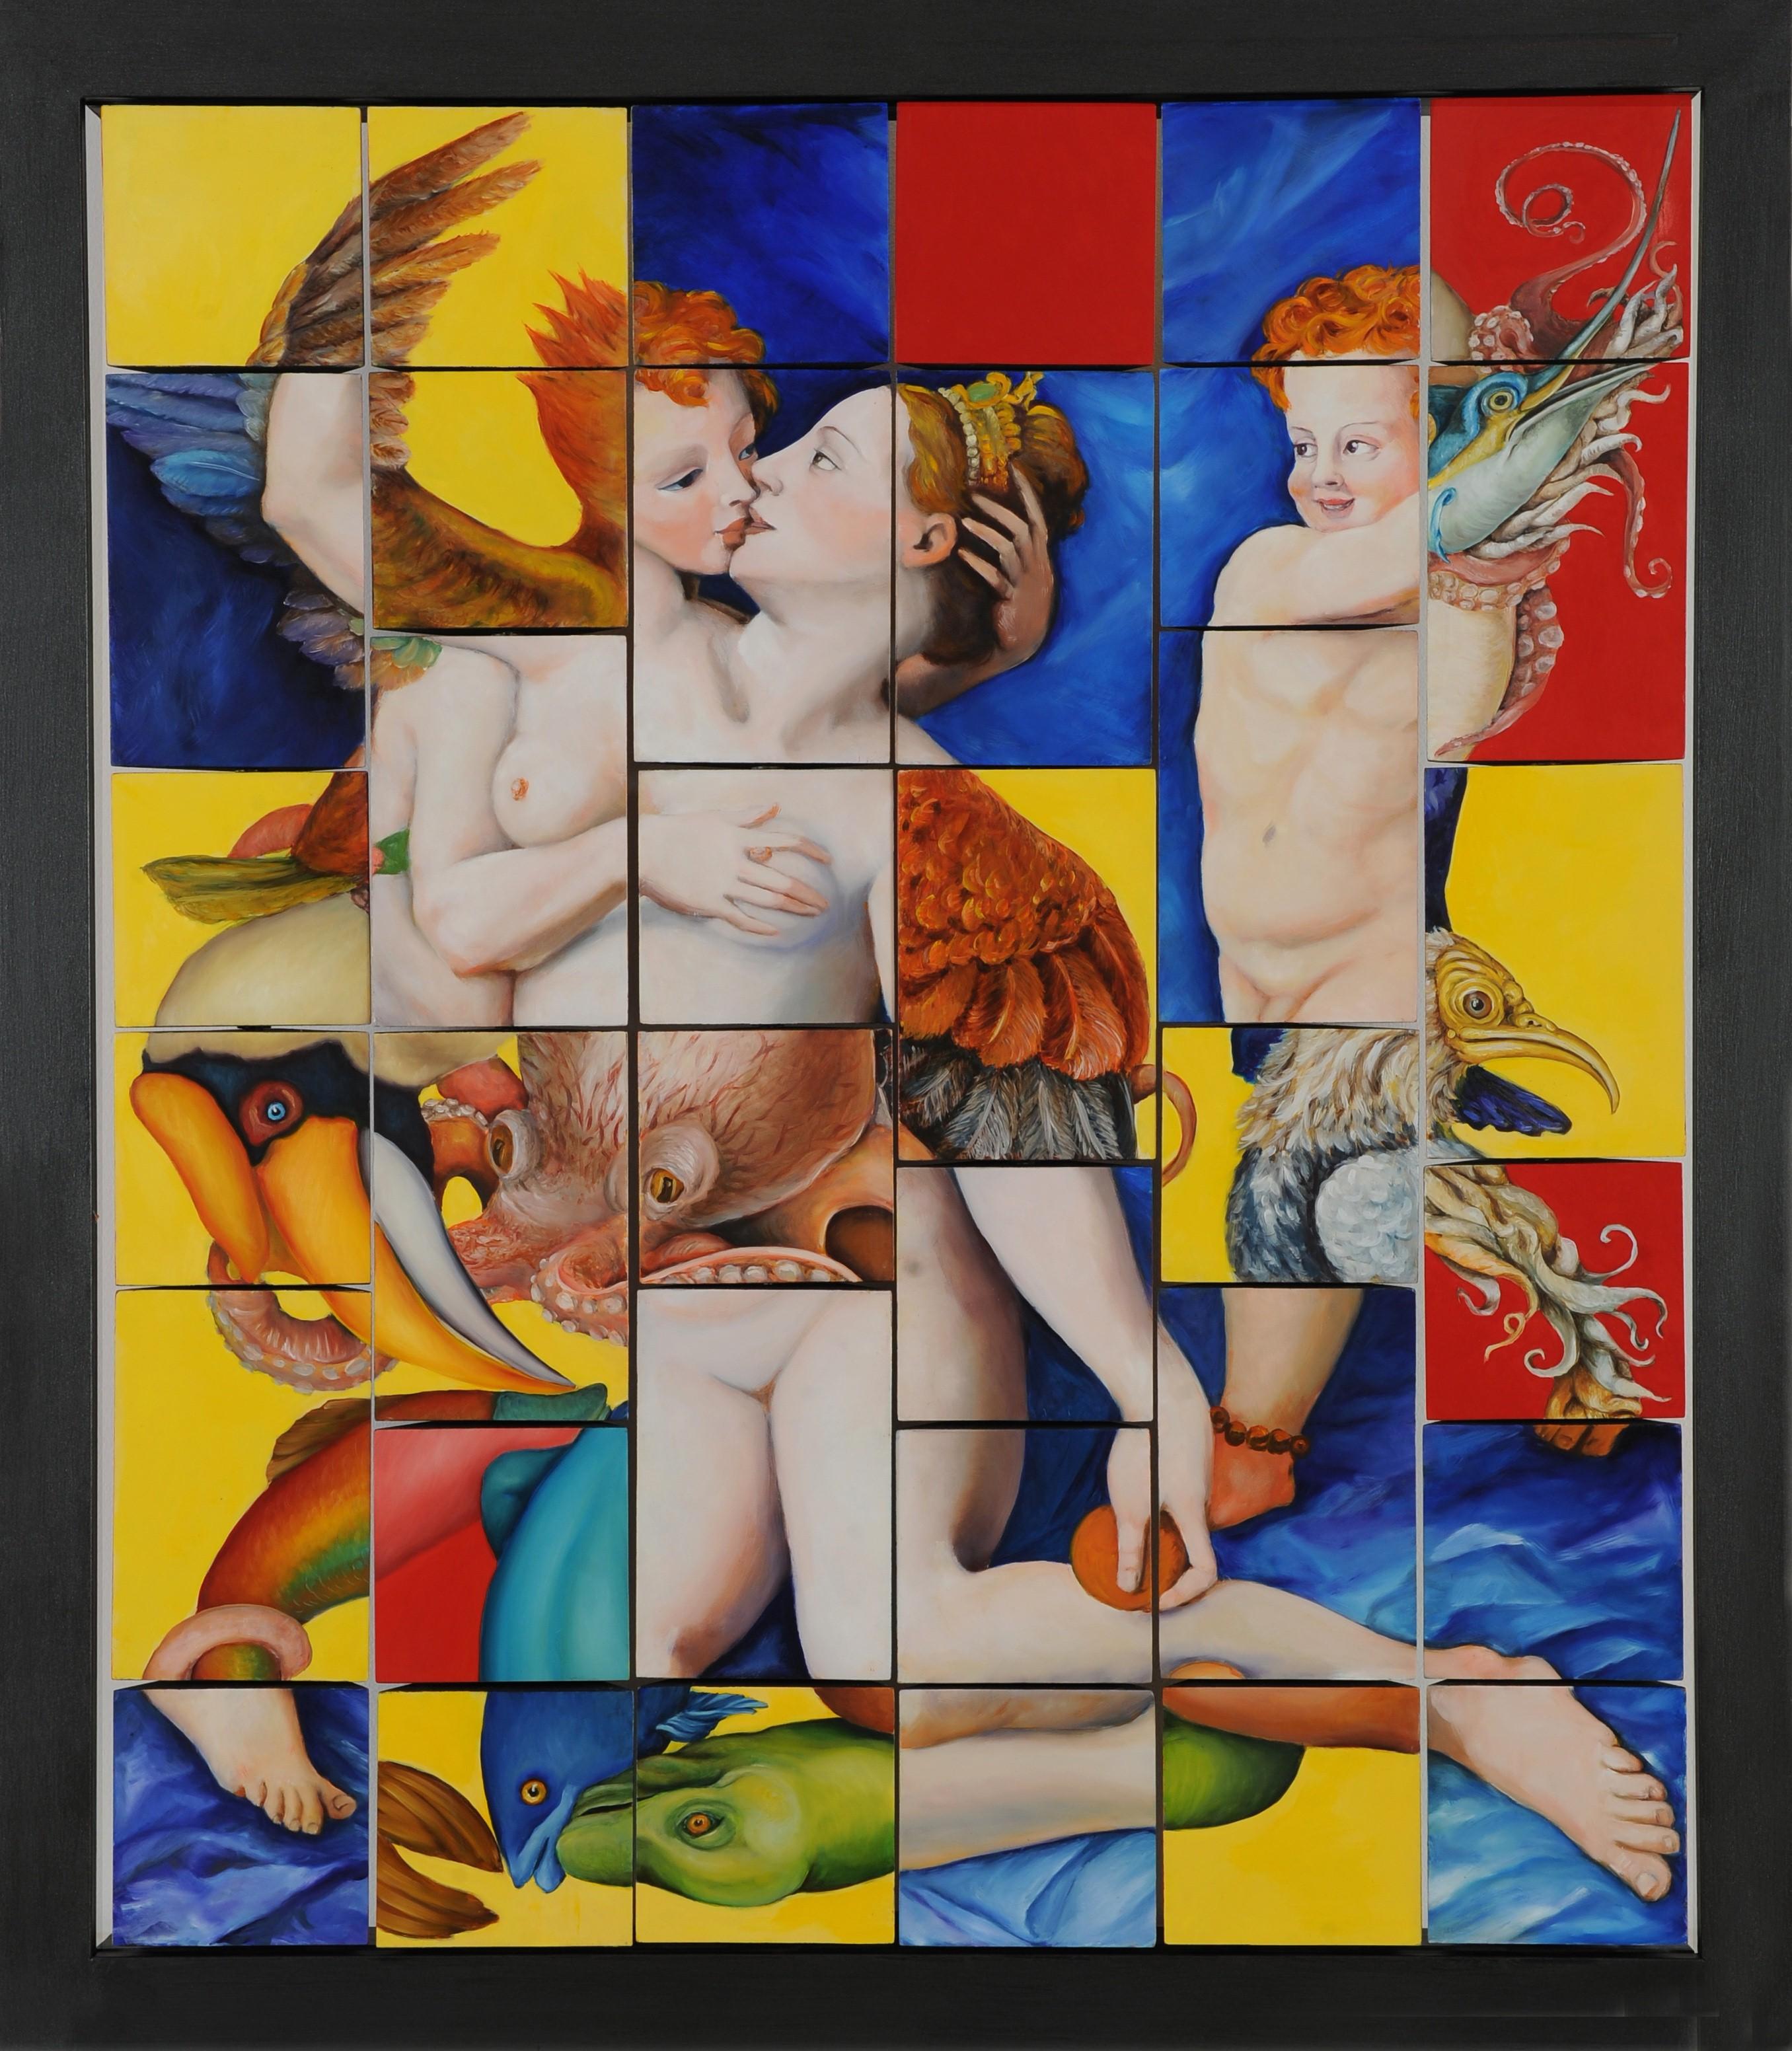 Camilla Ancillotto – Allegoria del Trionfo di Venere. Když jsem hledala info o těchto třech vůních, vypadl mi obrázek, který máv názvu Allegorie. Zcela zřejmě s Guerlainem nesouvisí, ale podle mne všechny tři vůně hezky vystihuje: mišmaš hezkých věcí, které můžou fungovat spolu a ladit. Zdroj: http://womanbrideblog.com/2012/10/31/camilla-ancilotto-presenta-in-fieri/